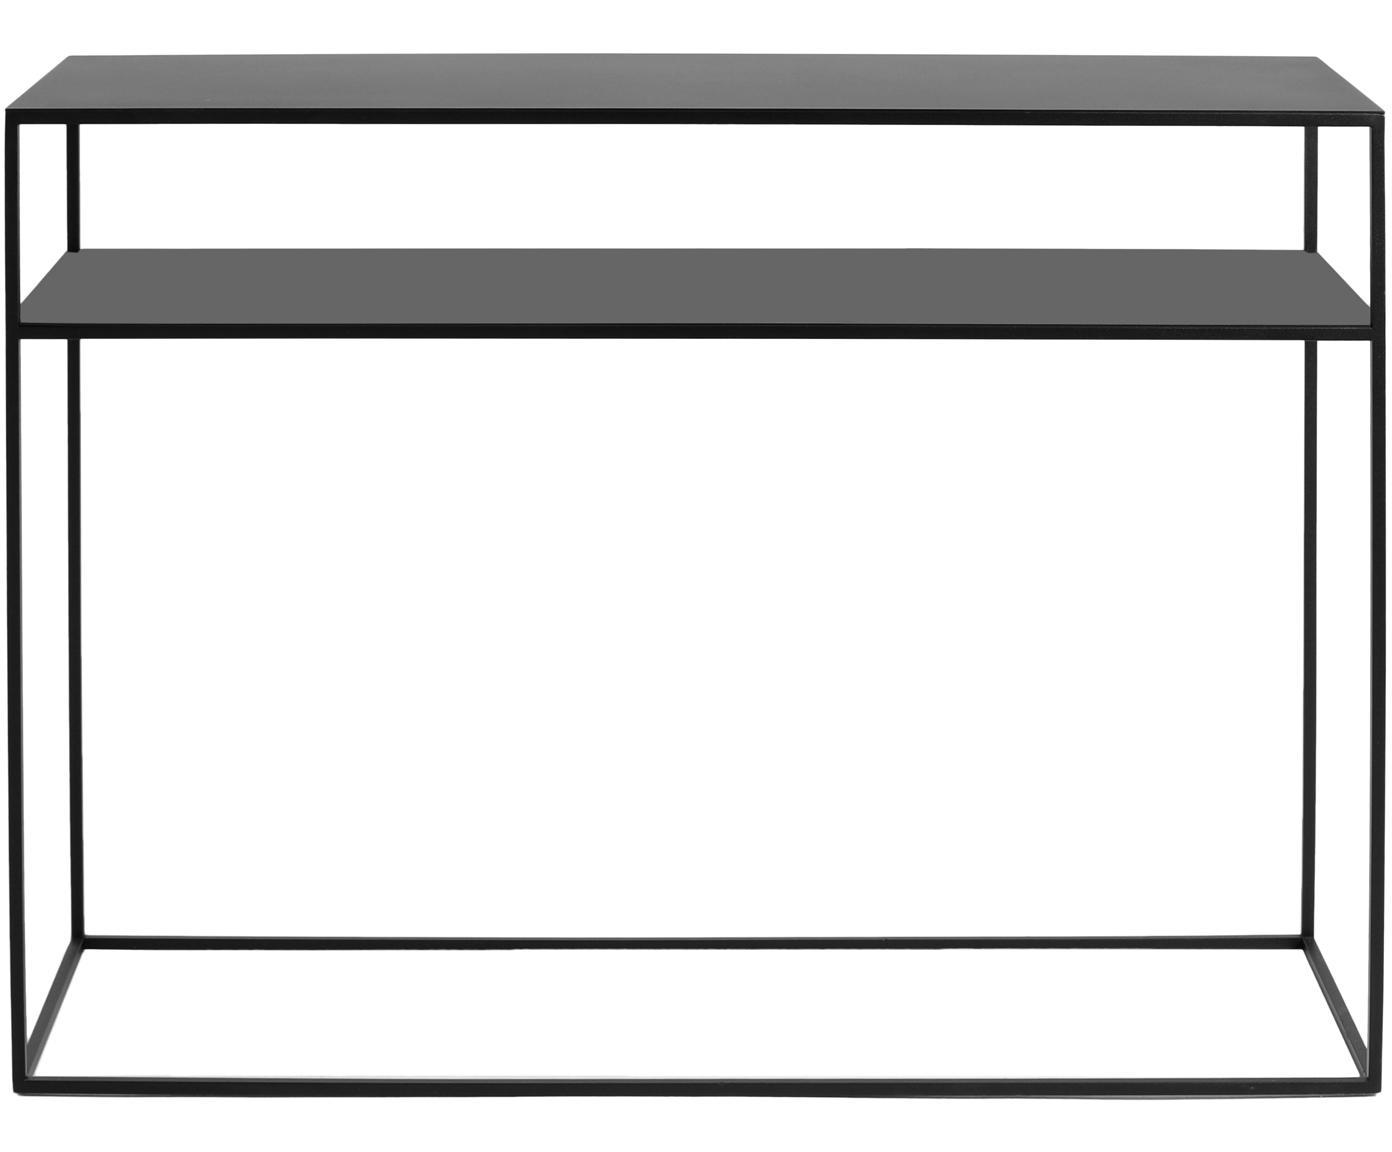 Konsola z metalu Tensio Duo, Metal malowany proszkowo, Czarny, S 100 x G 35 cm